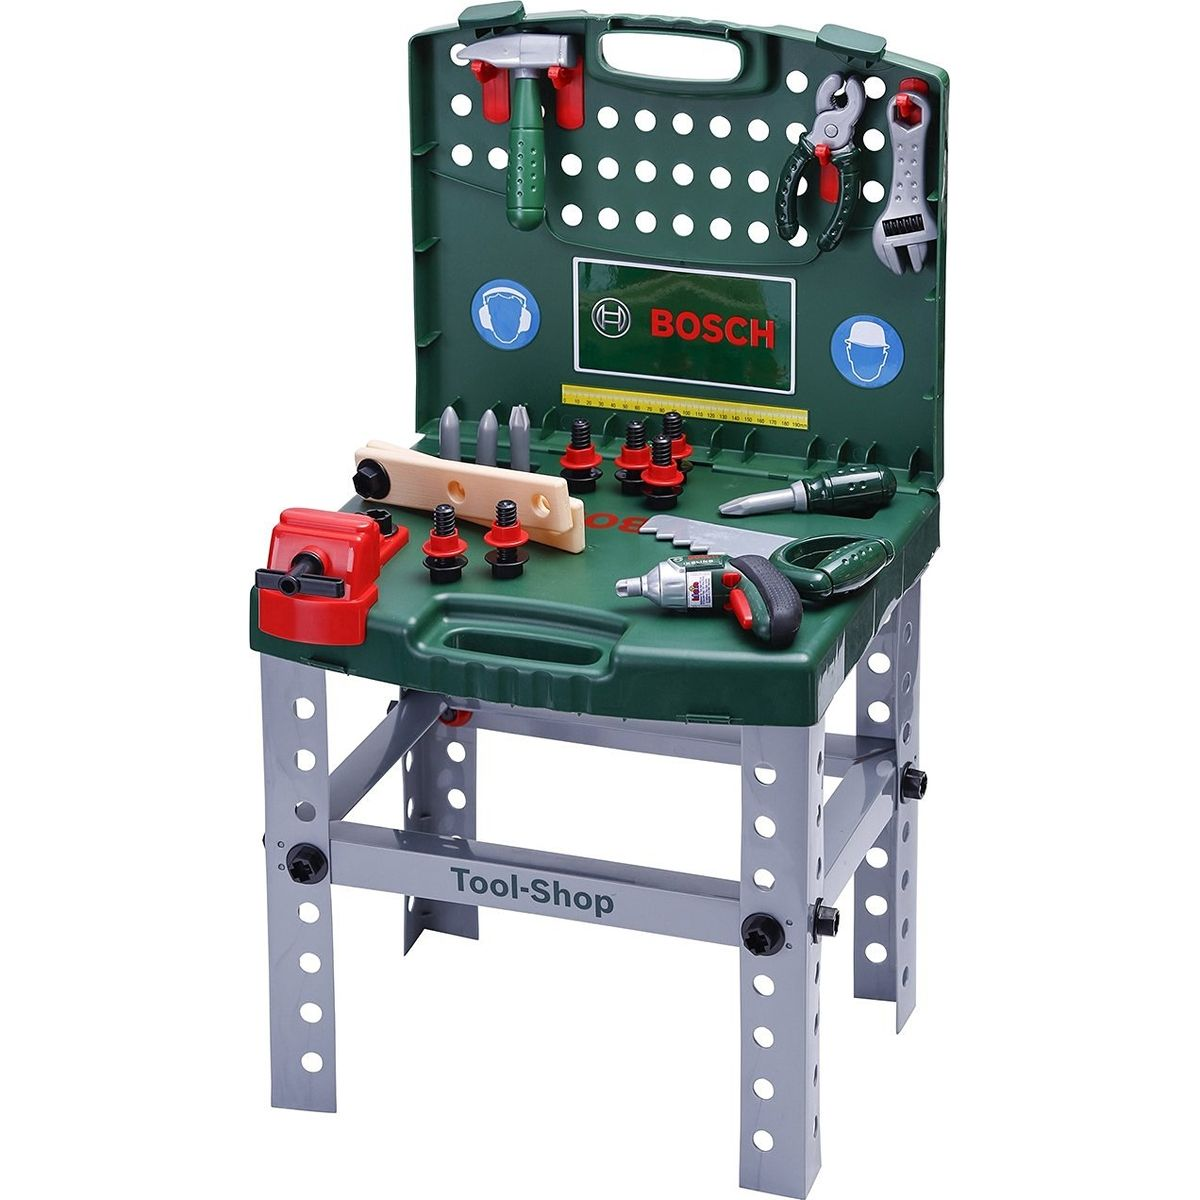 Klein Pracovní stůl v kufříku s akušroubovákem Bosch